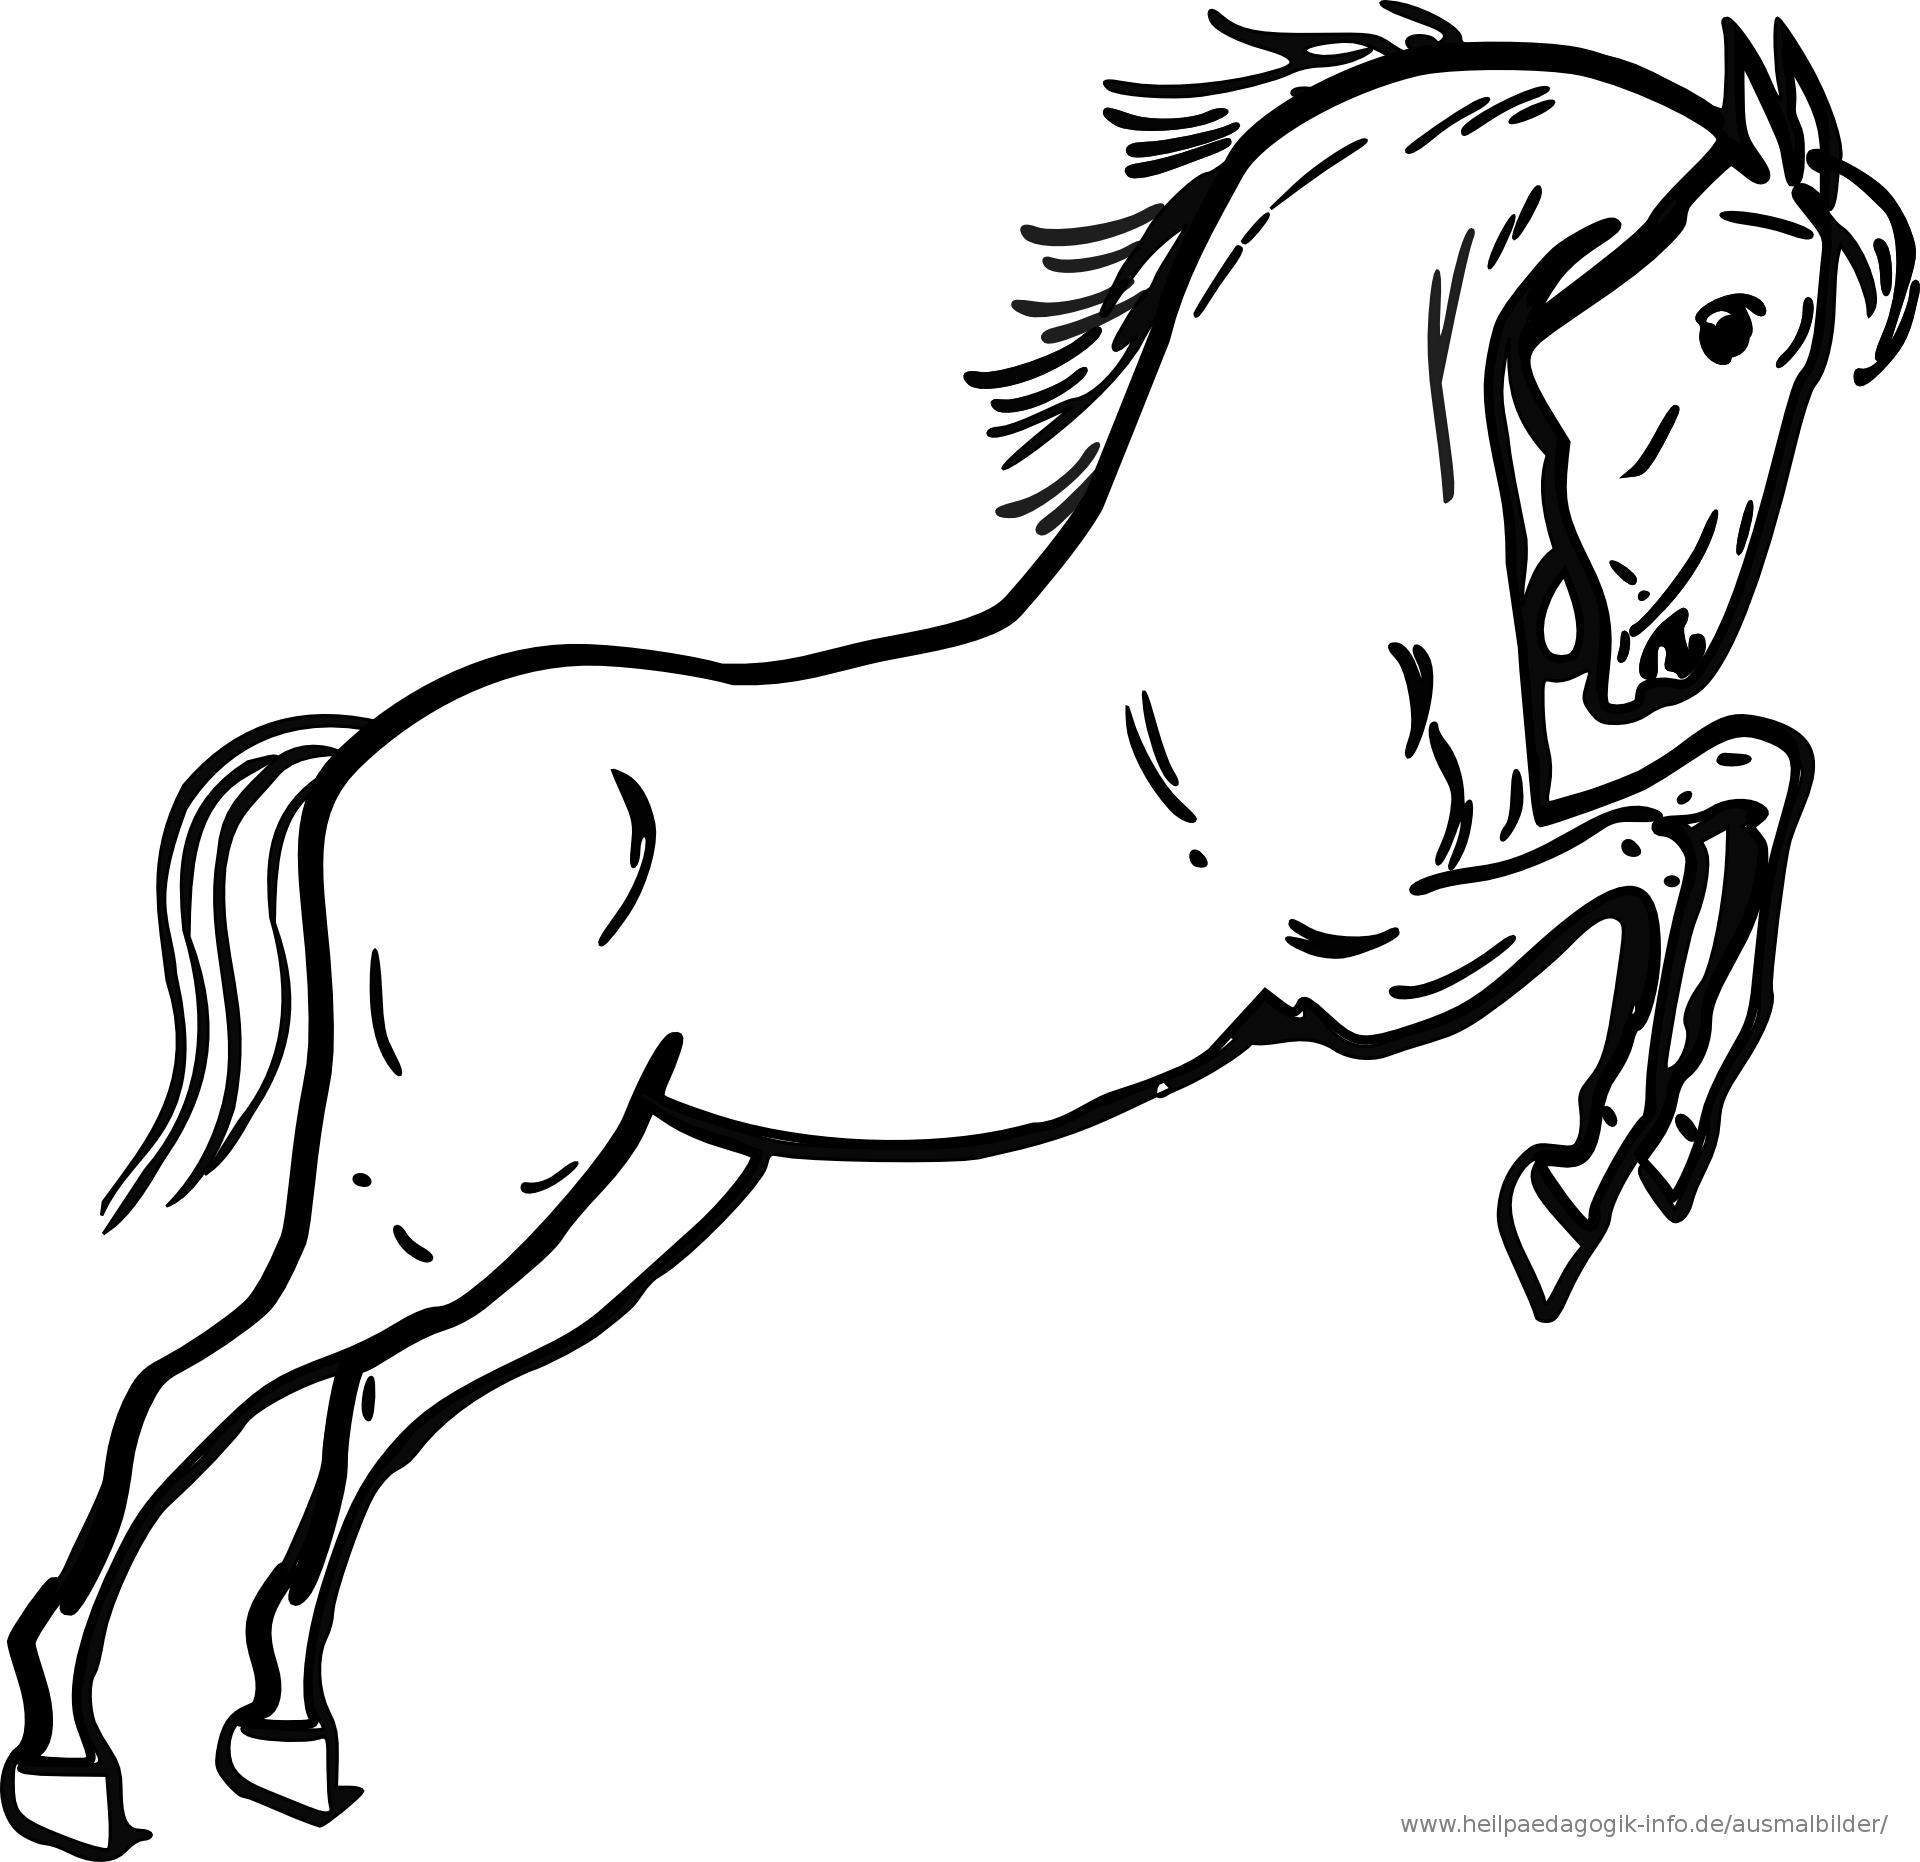 Ausmalbilder Weihnachten Pferde Weihnachten Pferd Malvorlagen